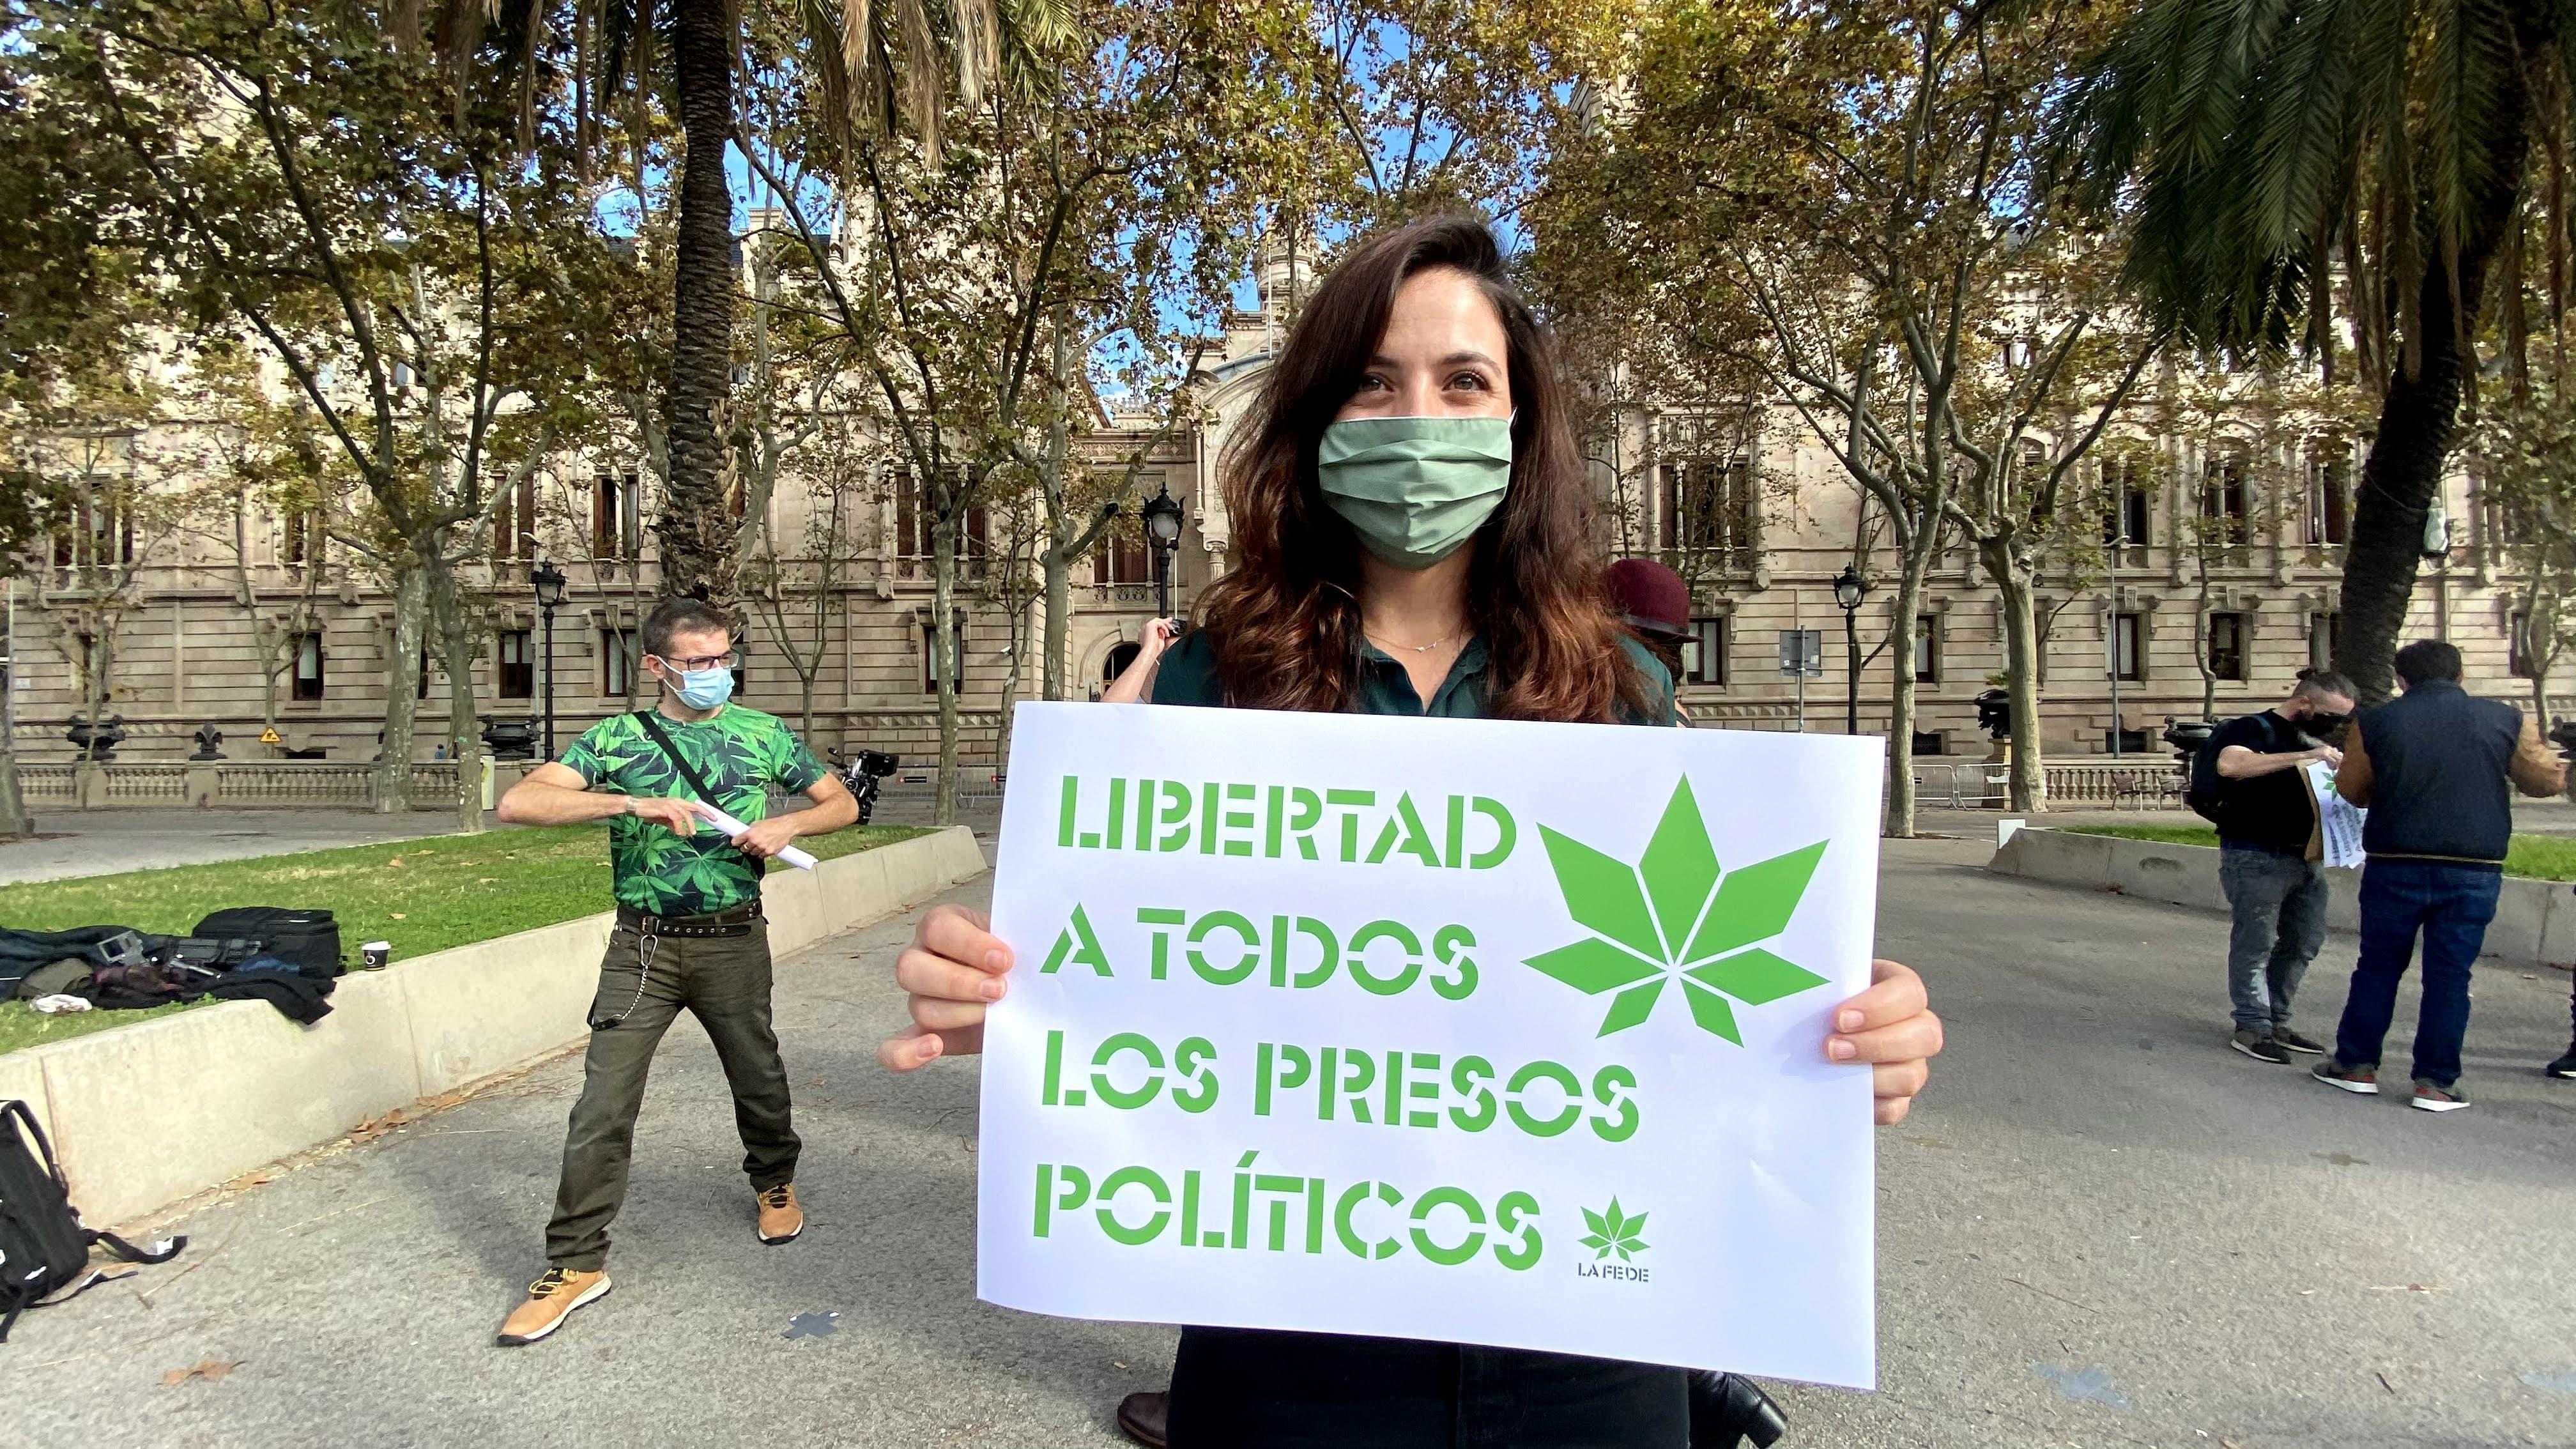 Exposición pública frente a los tribunales de barcelona